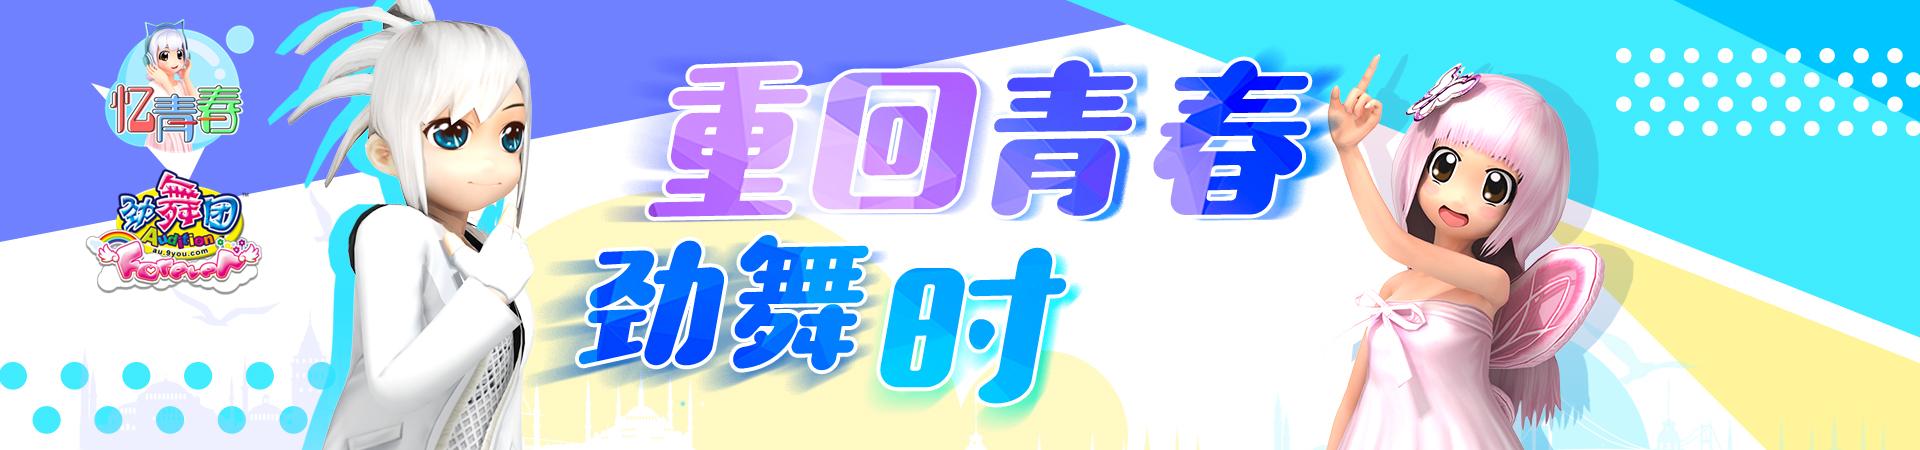 忆青春《劲舞团》9月版本更新